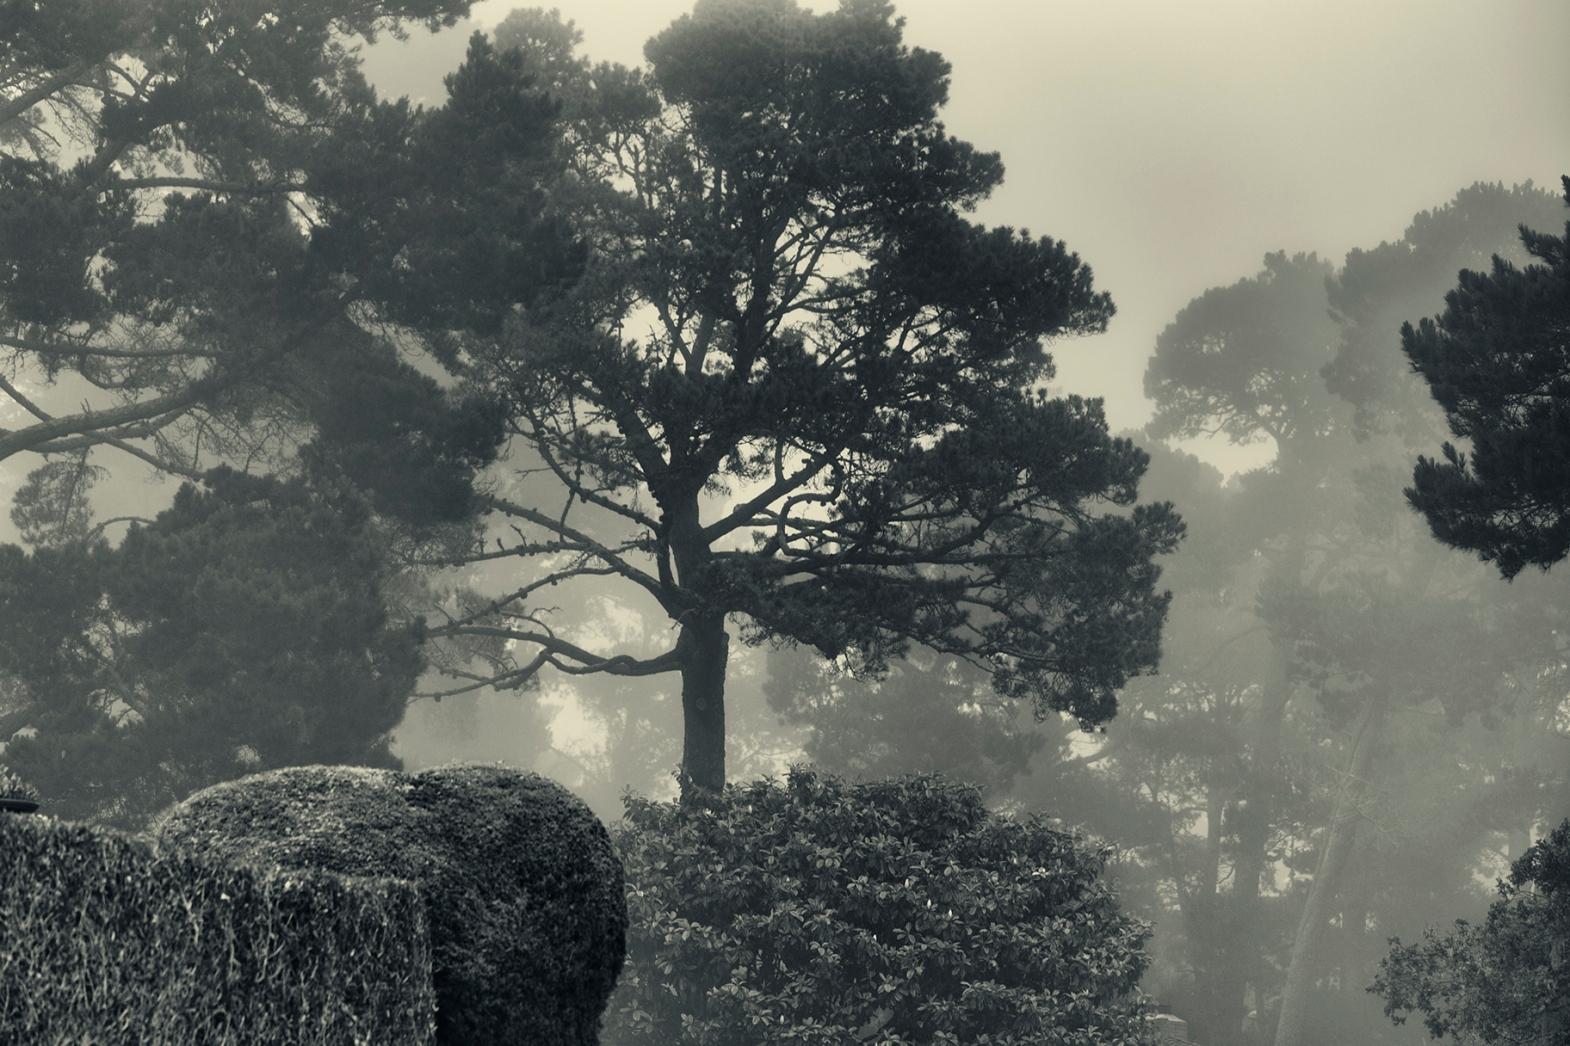 Morning Garden © C.Rosenthal